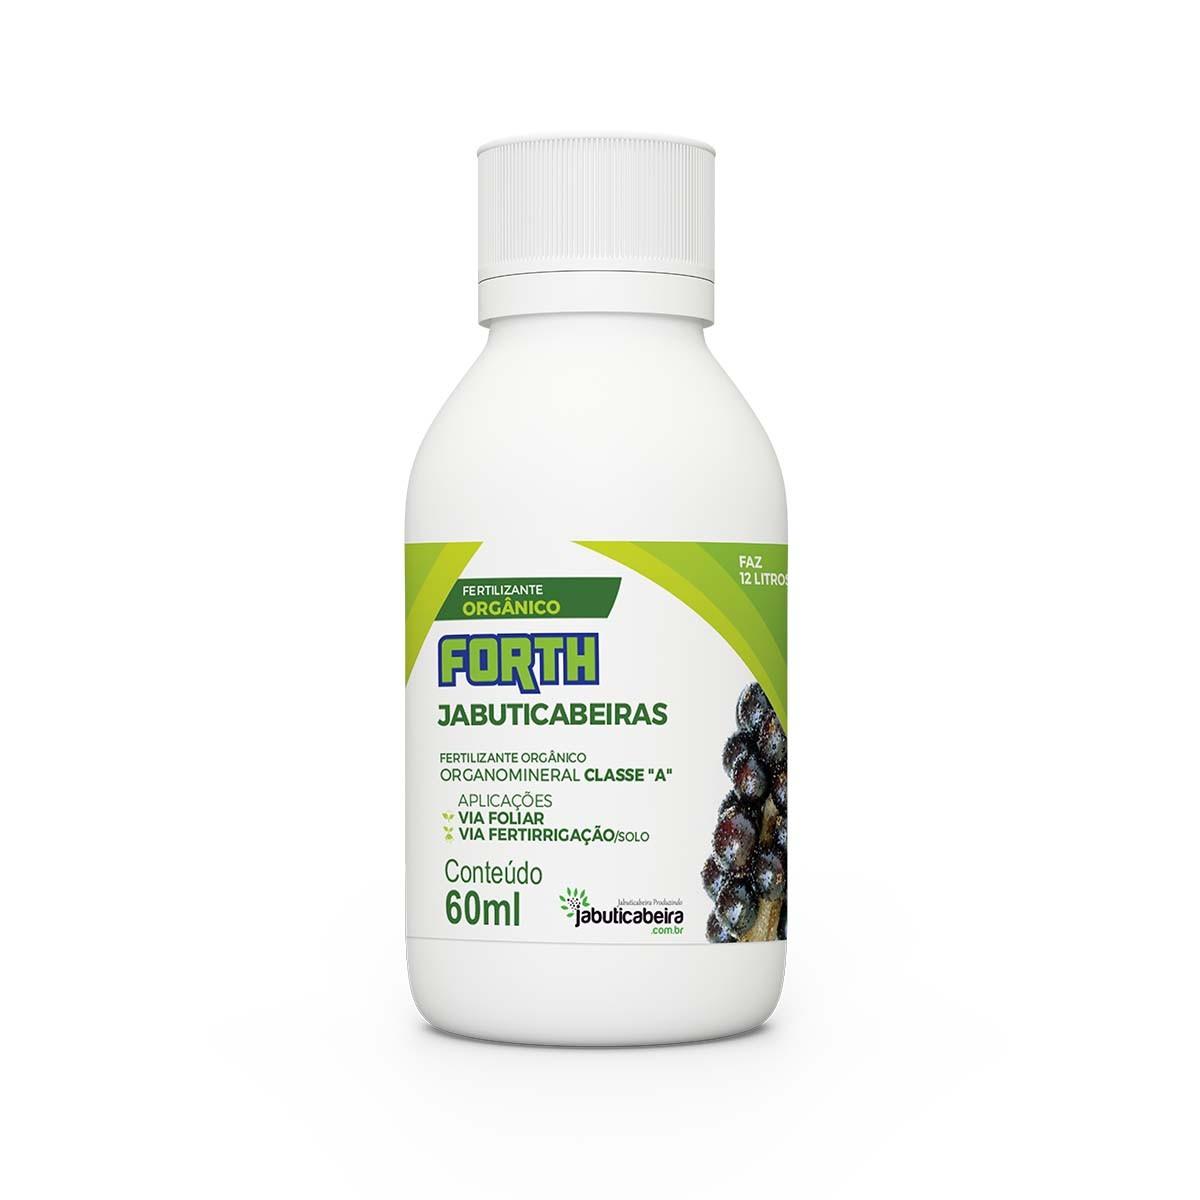 Fertilizante Forth Jabuticabeiras 60ml